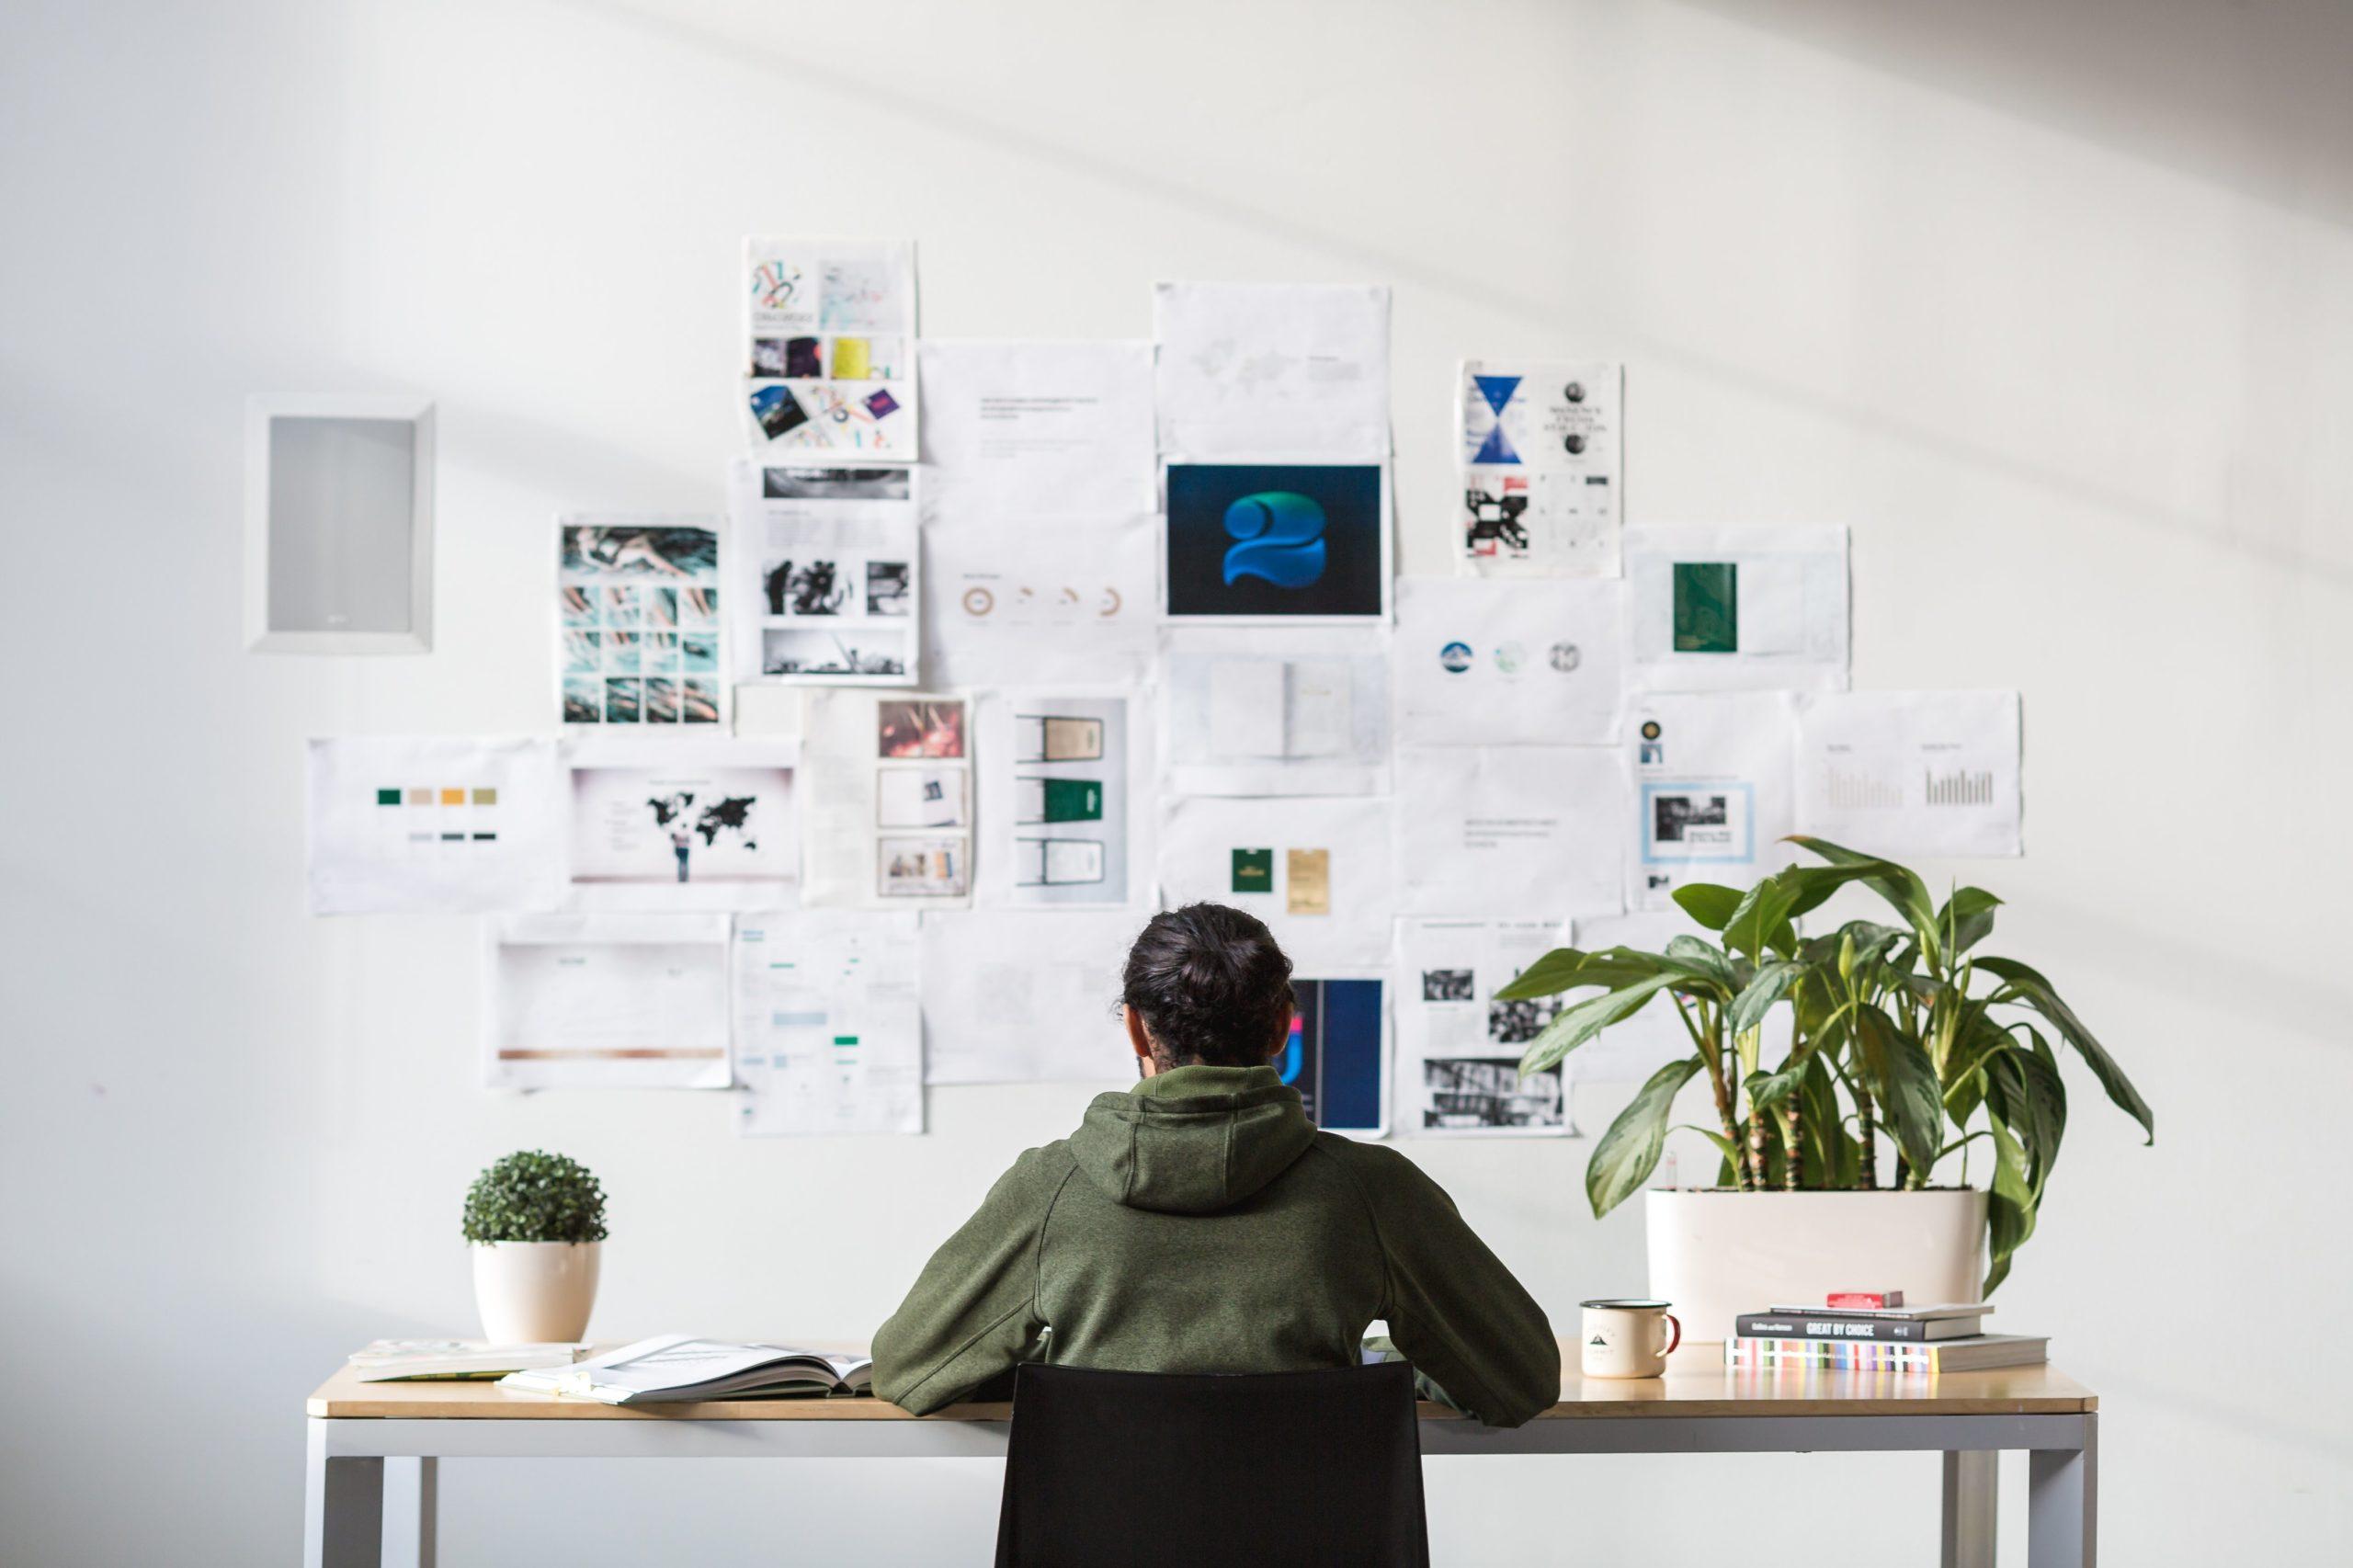 designer-at-desk